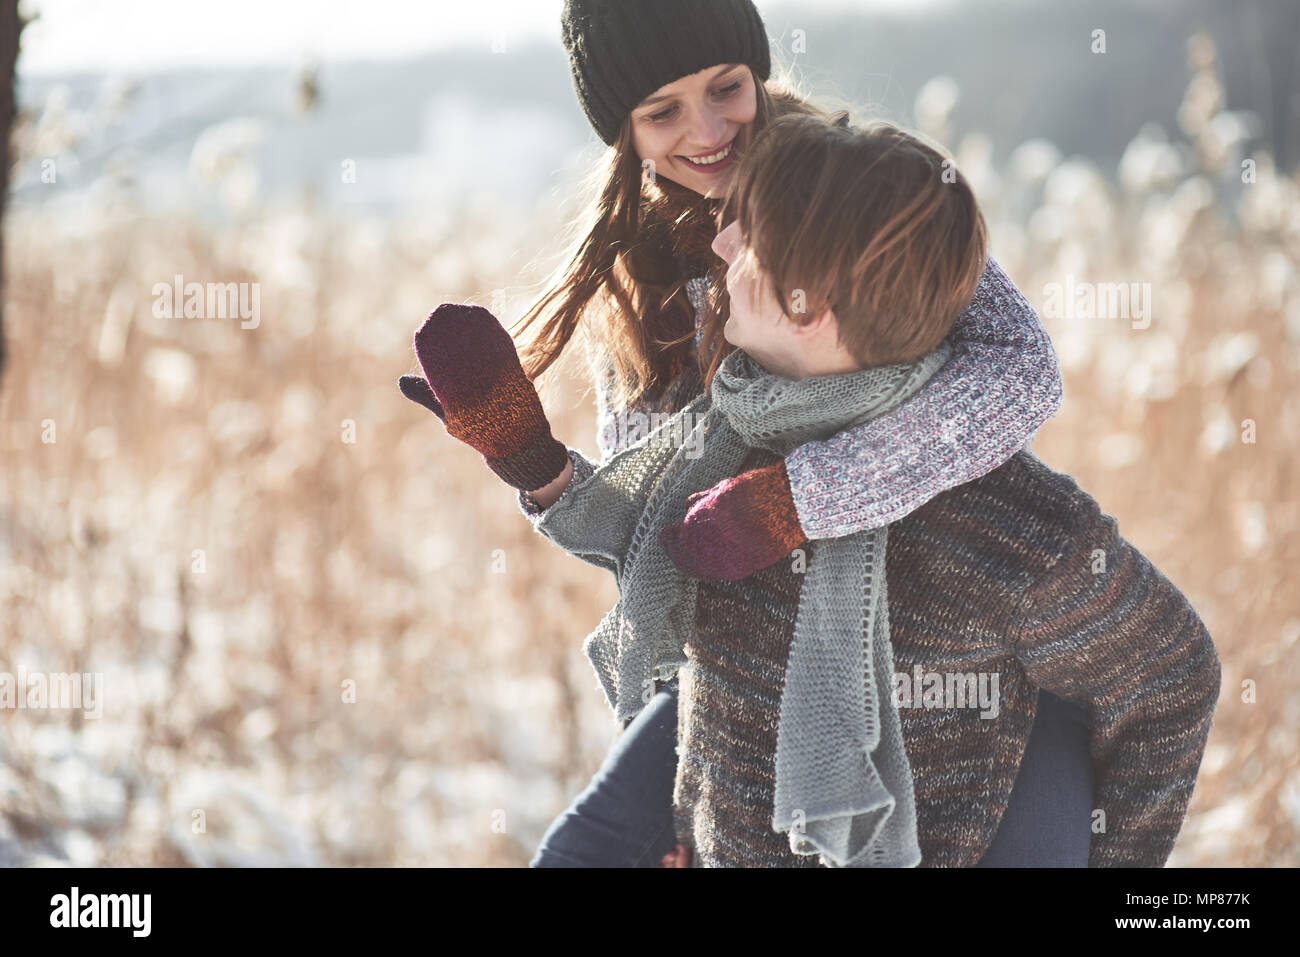 Pareja feliz navidad en amor abrazo en el frío invierno nevado bosque, espacio de copia, celebración de fiestas de Año nuevo, las vacaciones y las vacaciones, los viajes, el amor y las relaciones Imagen De Stock